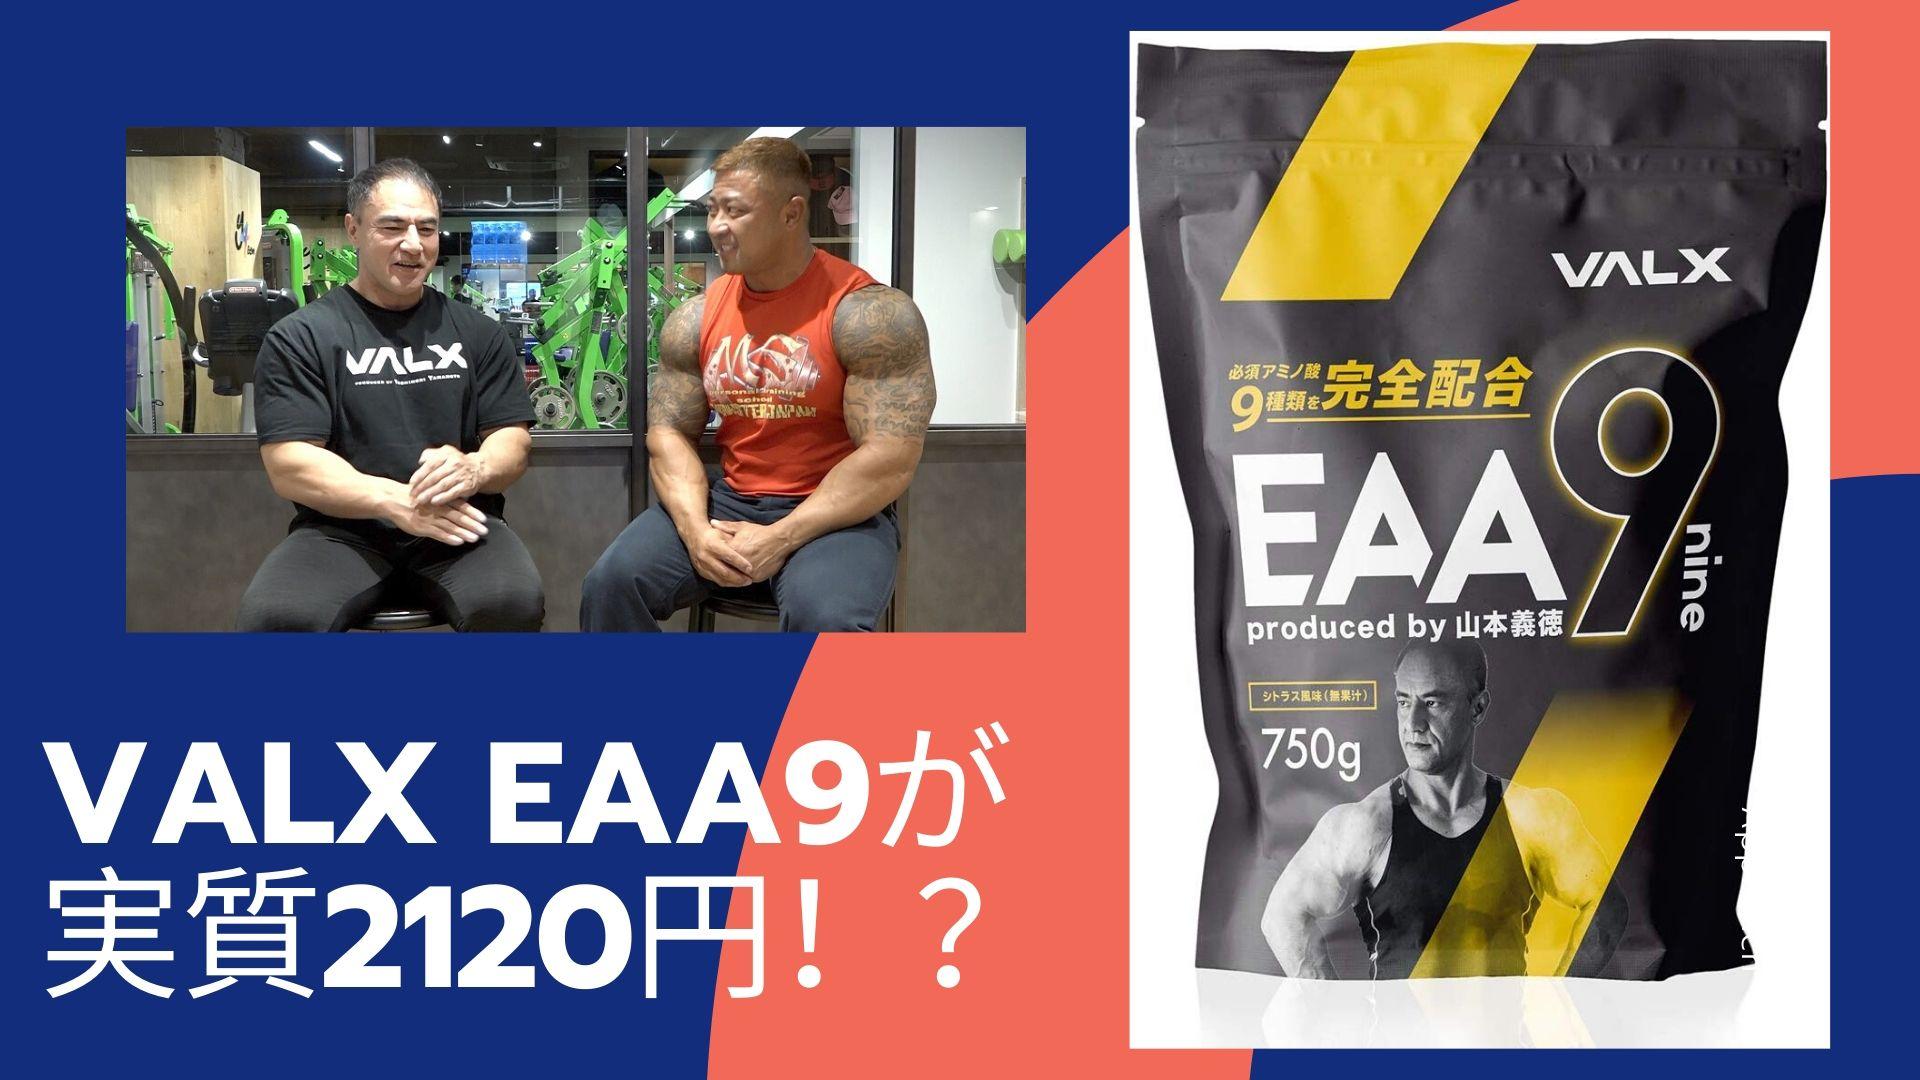 山本義徳監修【VALX EAA9】を安く購入する方法